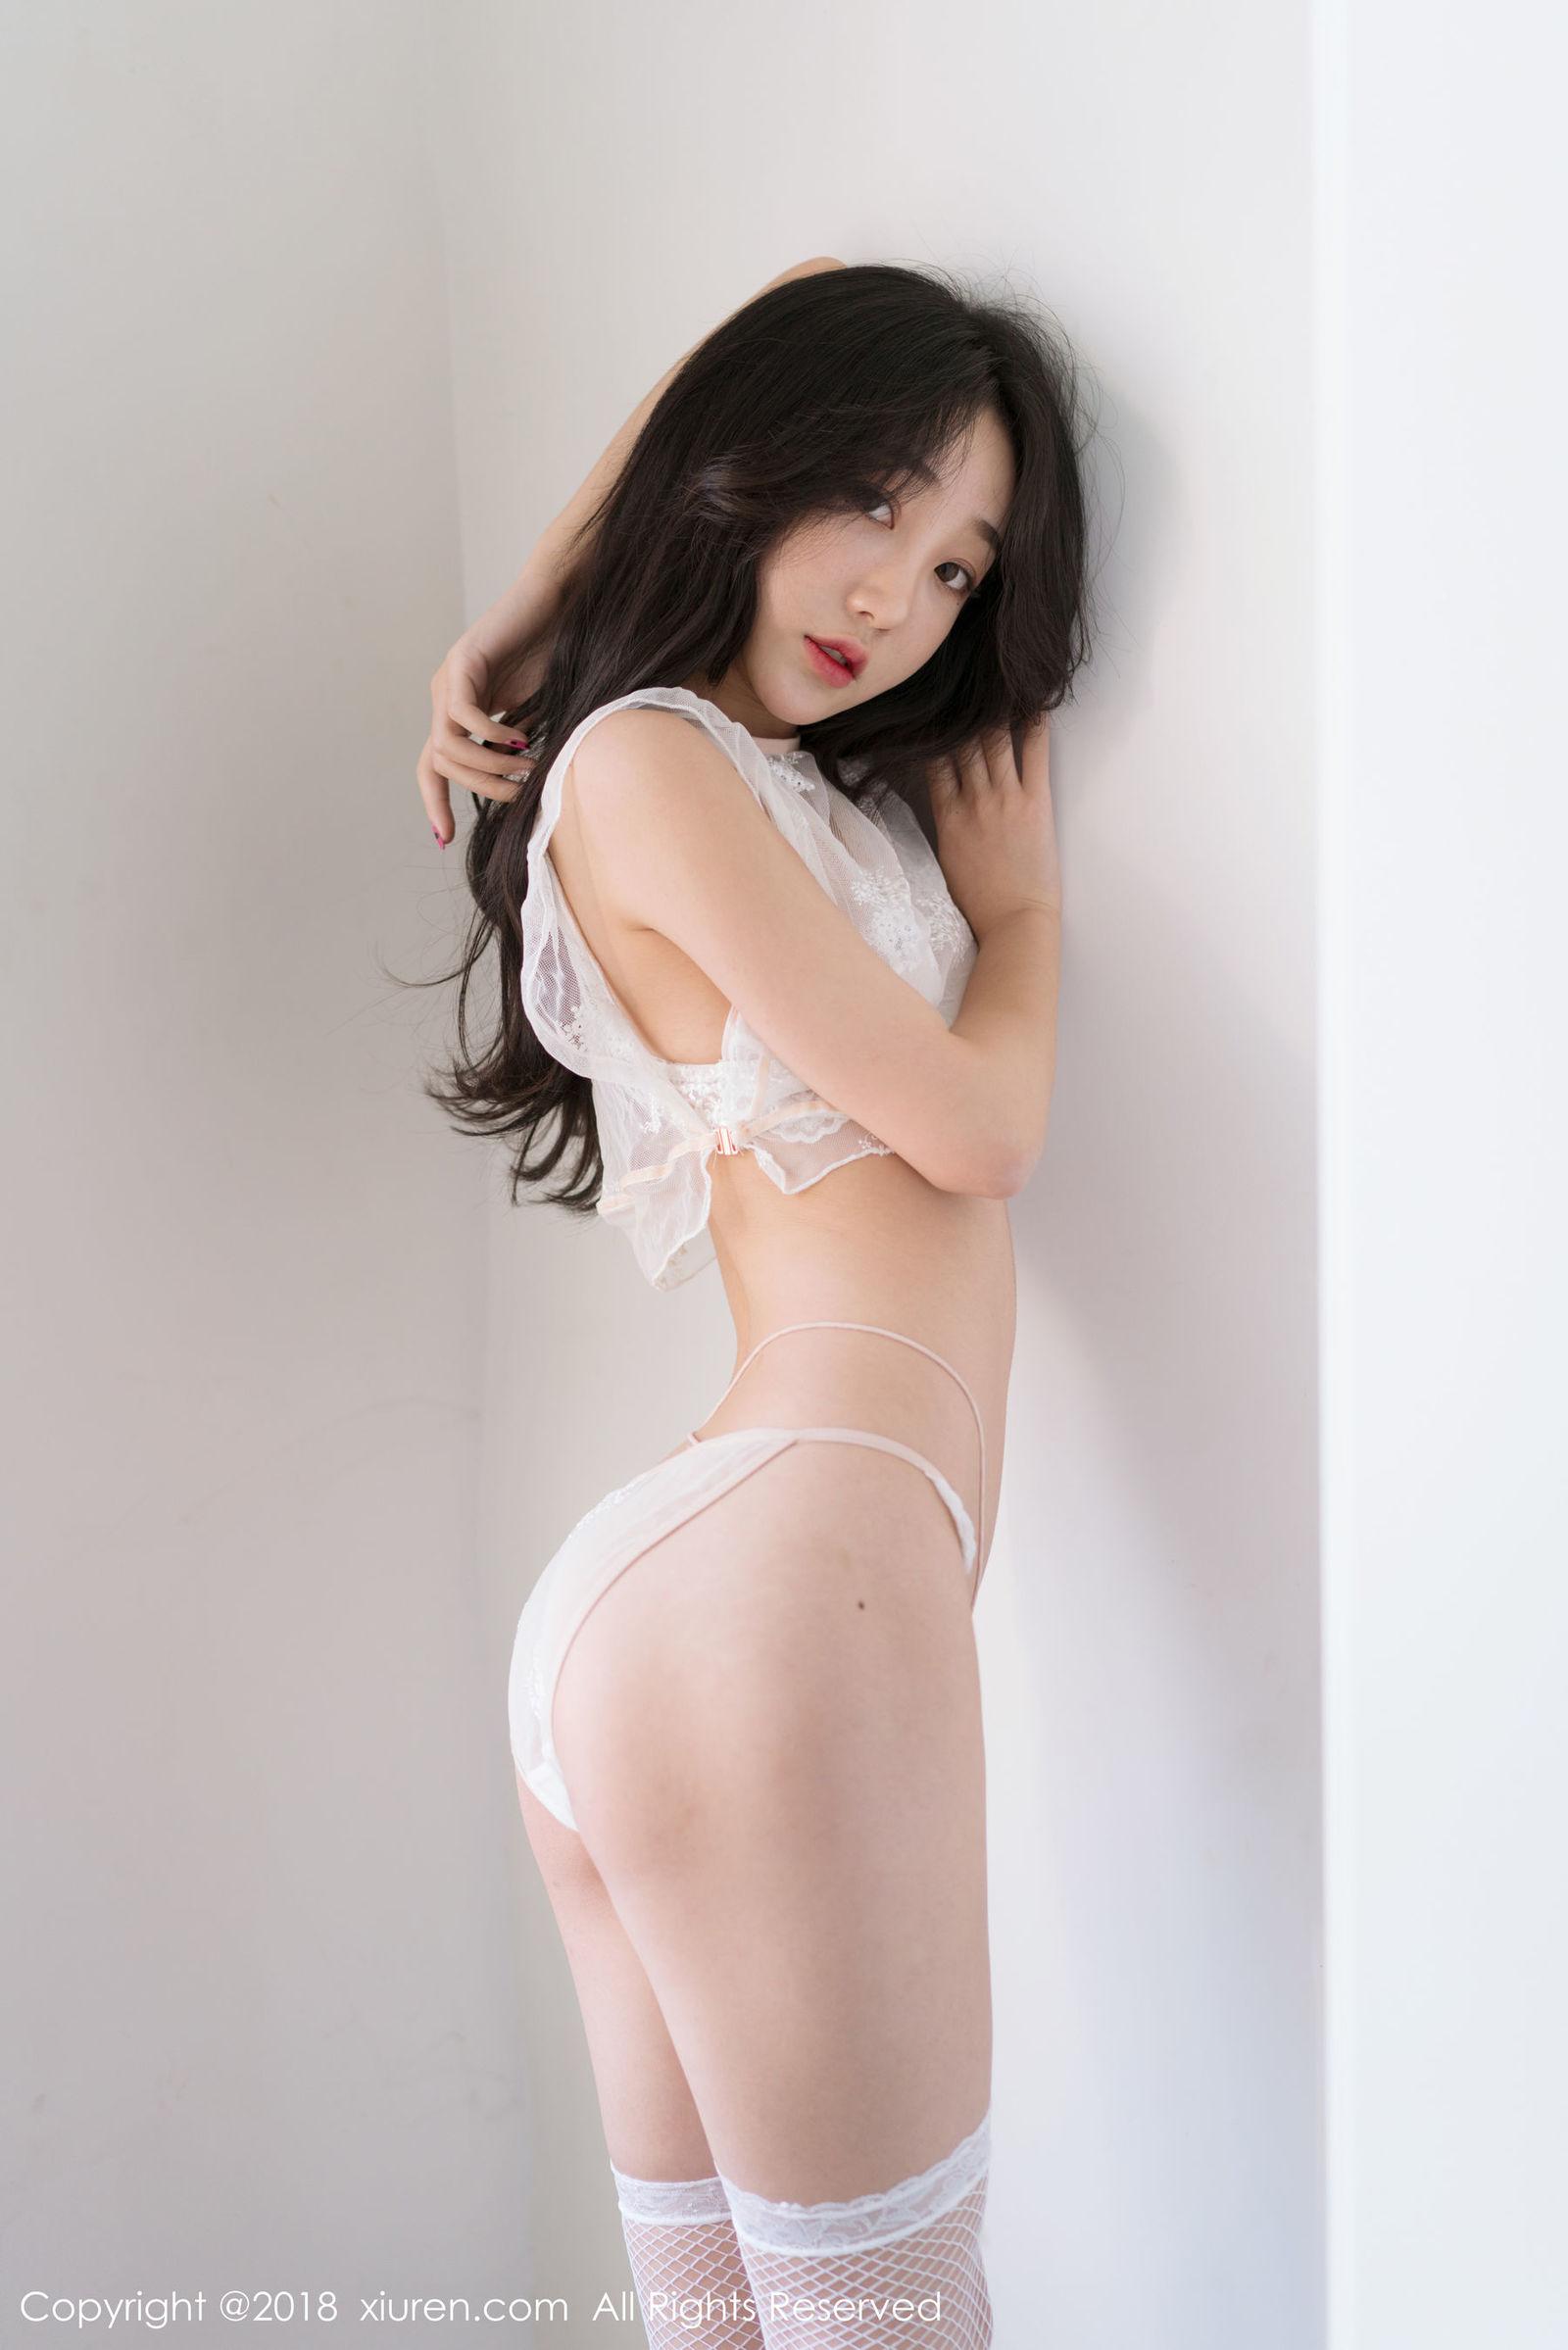 新人模特@小九月二套写真